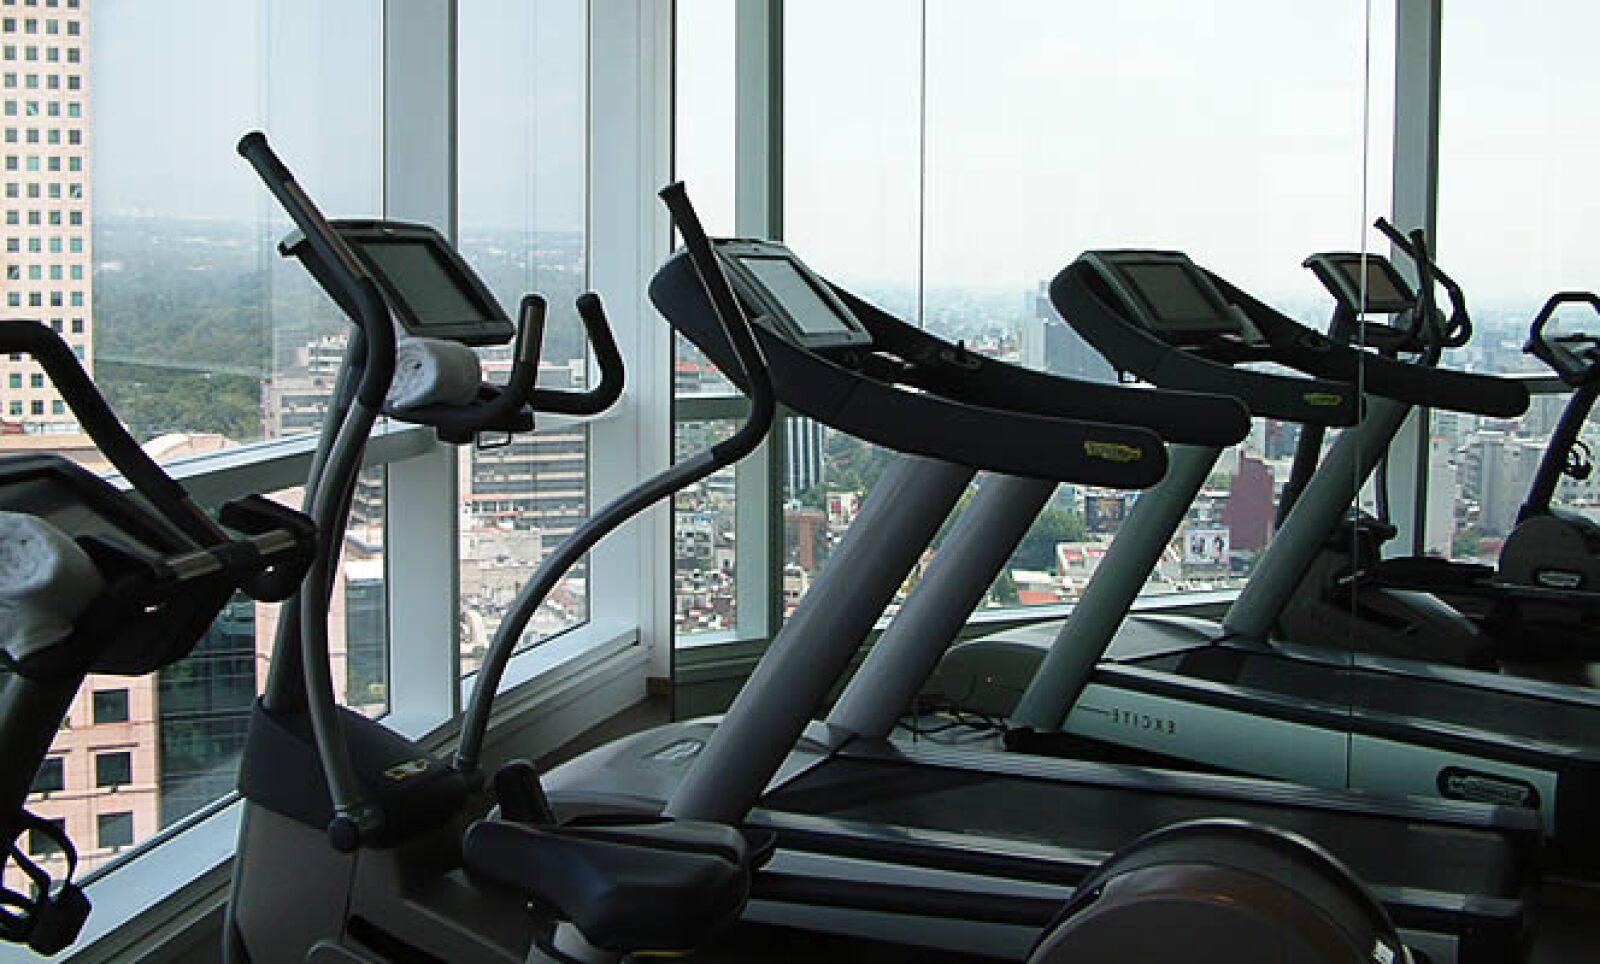 El Fitness Center también tiene vista panorámica, tiene además una barra de bebidas energéticas y rehidratantes.